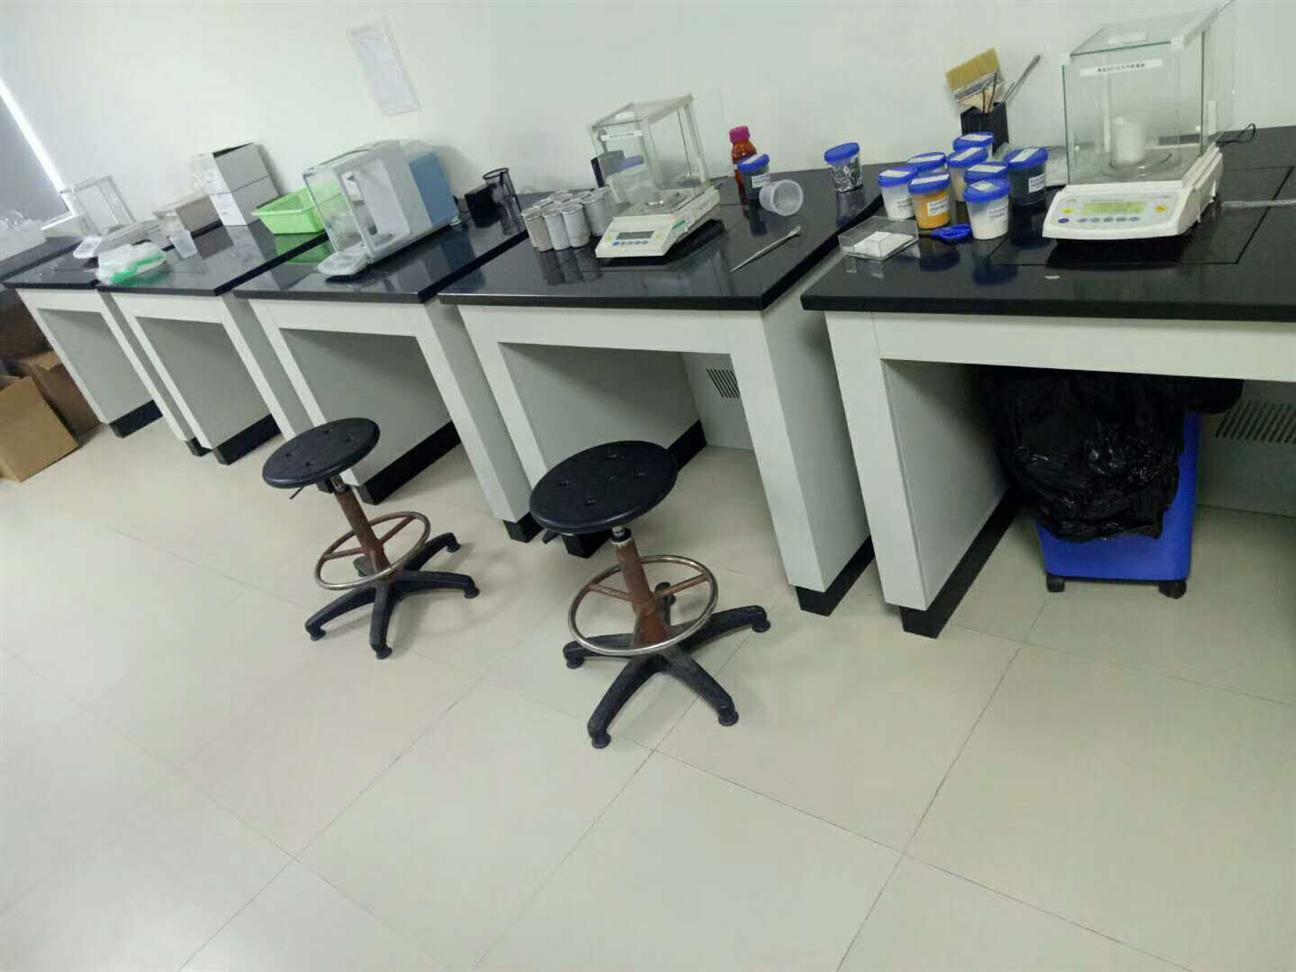 低价热销眉山实验室减震天平台称量台生产厂家 试验台 可加工定制